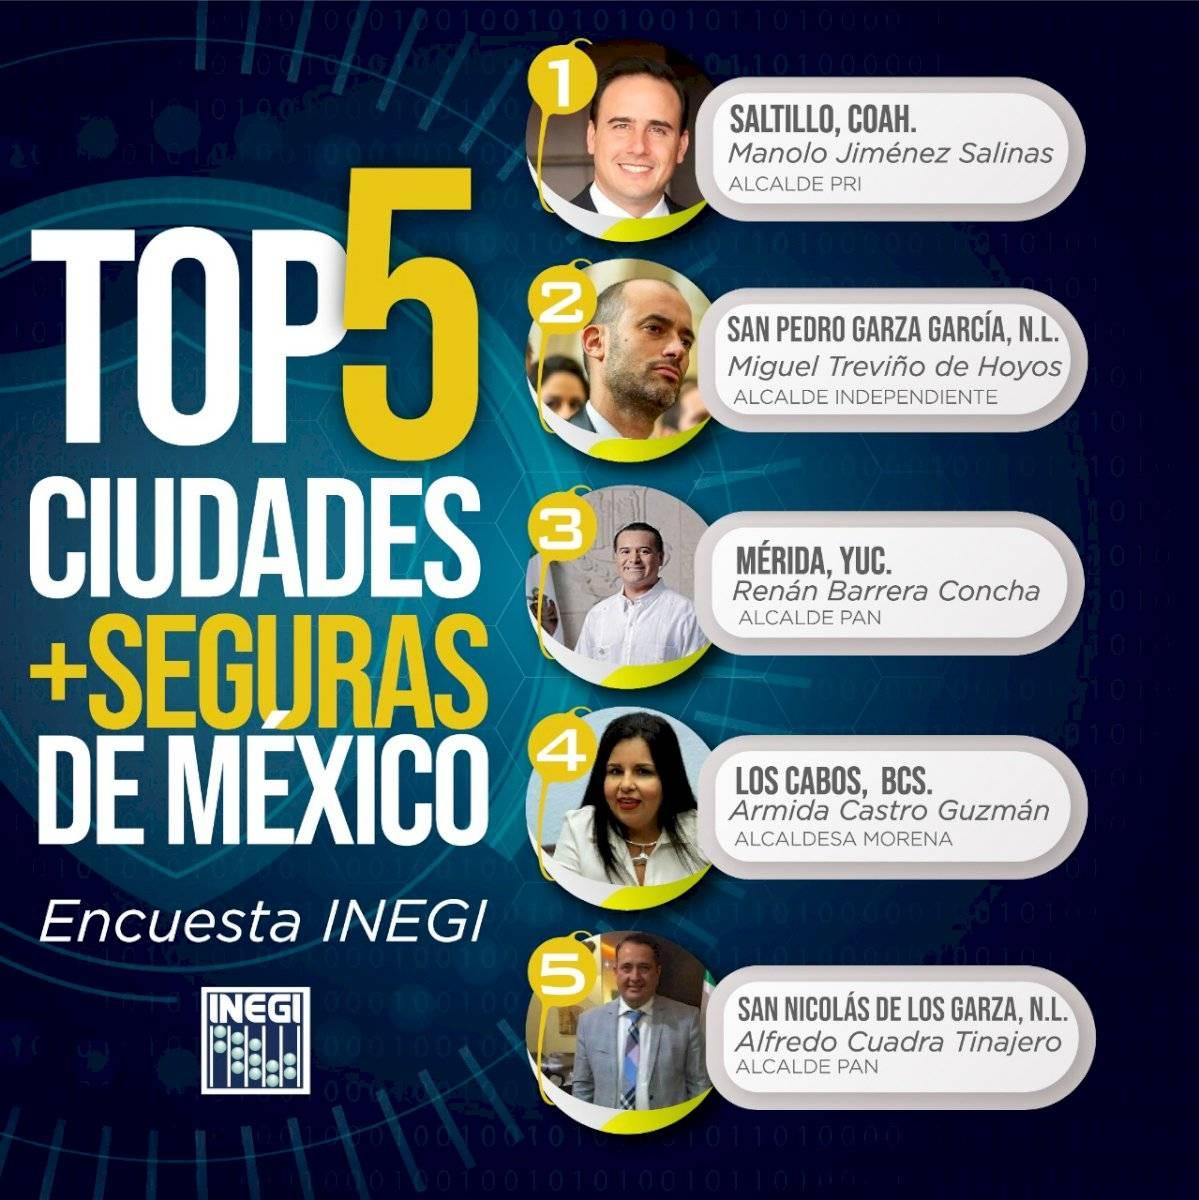 Saltillo, una de las 5 ciudades más seguras de México